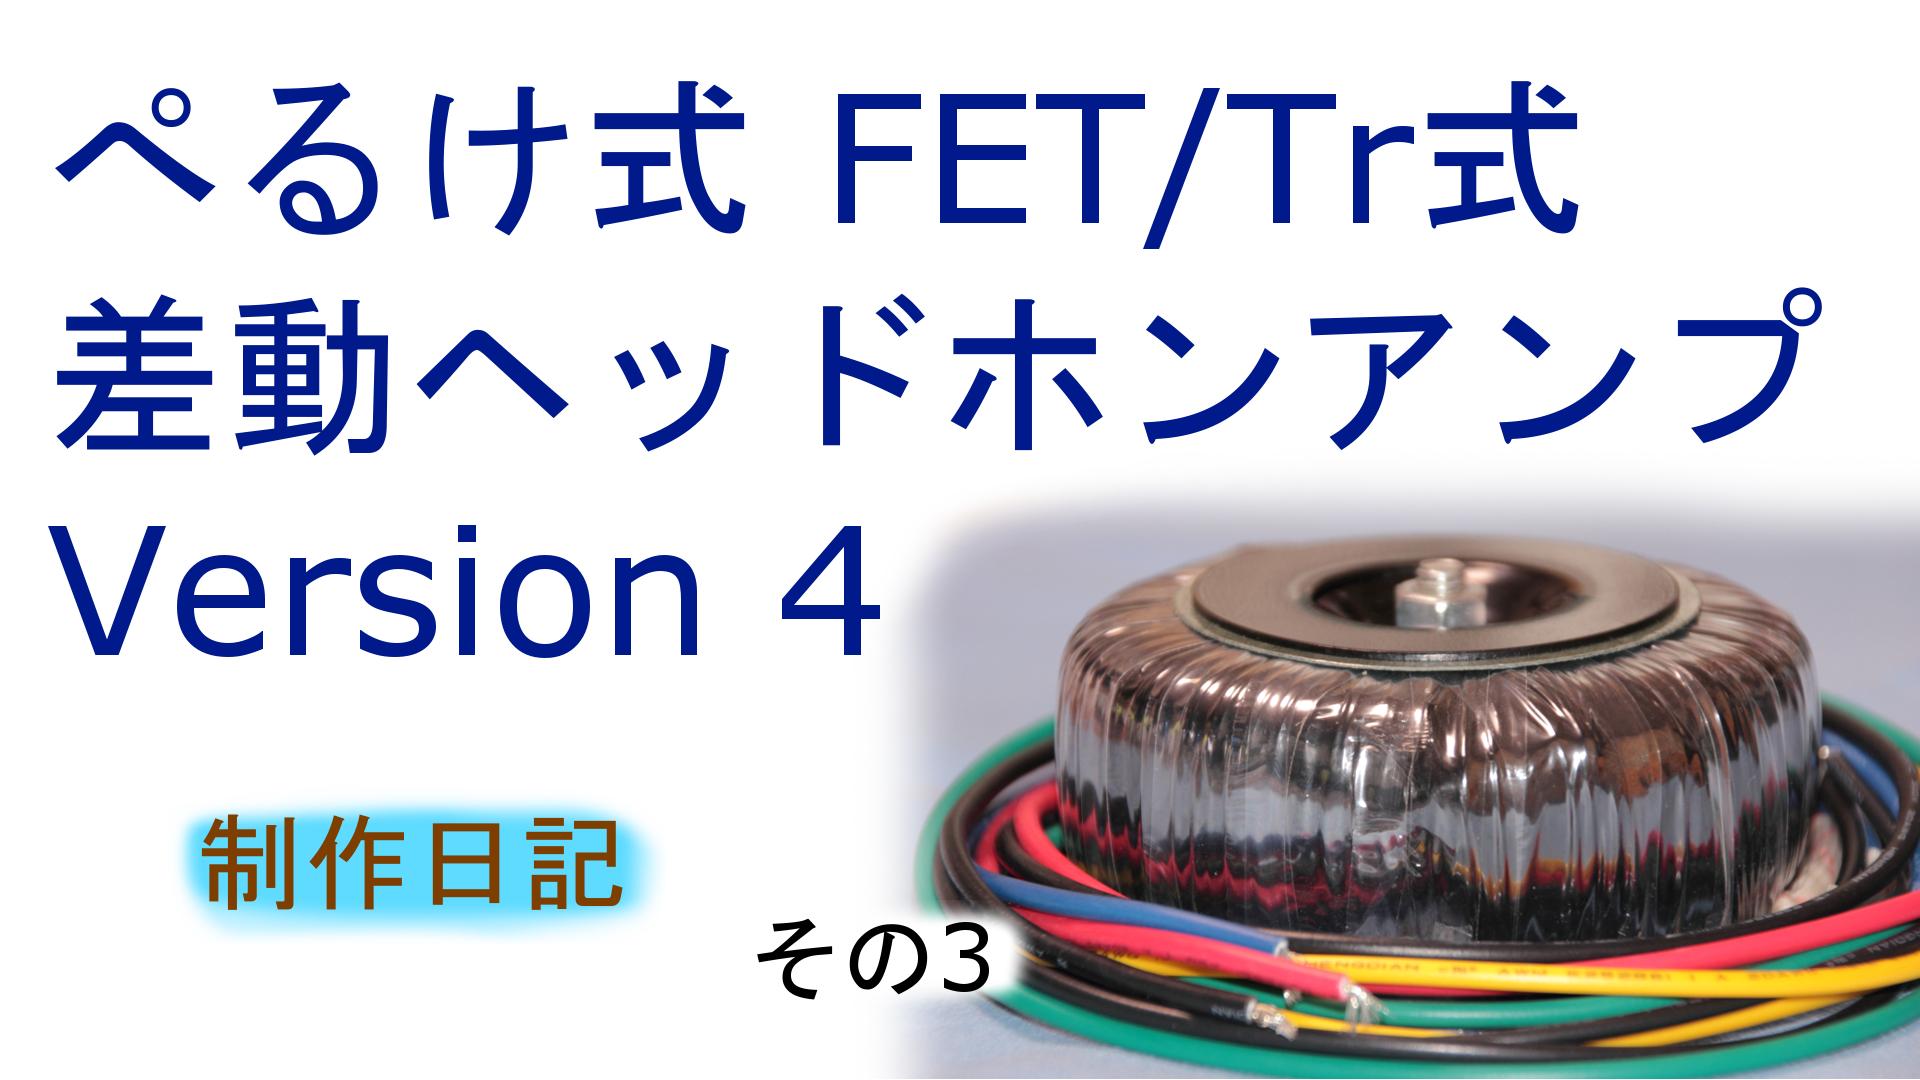 ぺるけ式 FETTr式差動ヘッドホンアンプ Version 4 その3